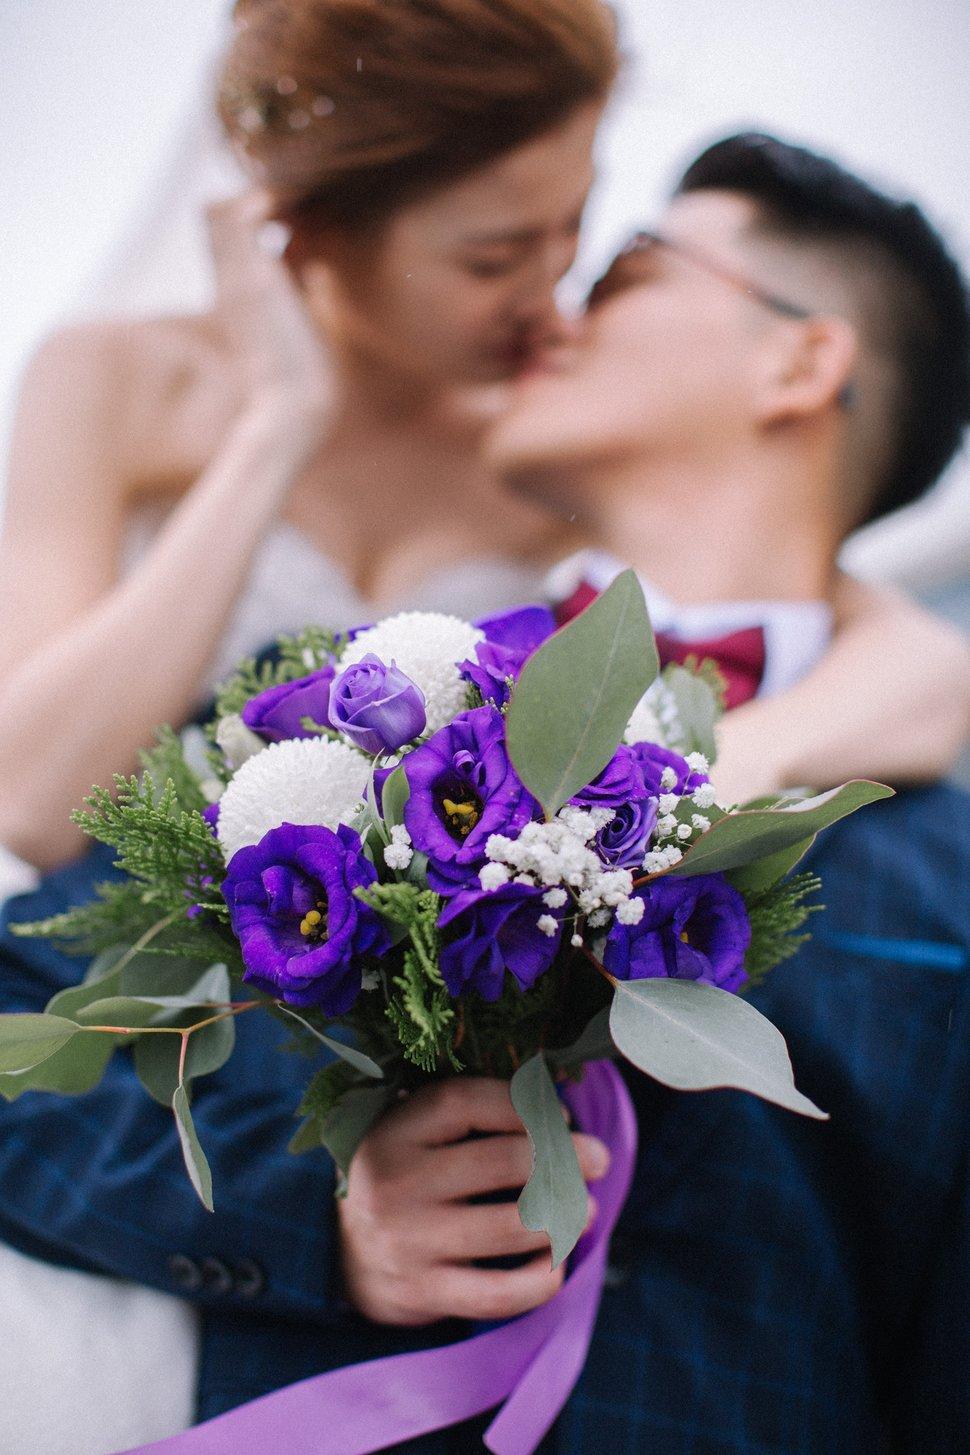 2018-12-23  (405) - 瞳心尉泯 -婚禮攝影 - 結婚吧